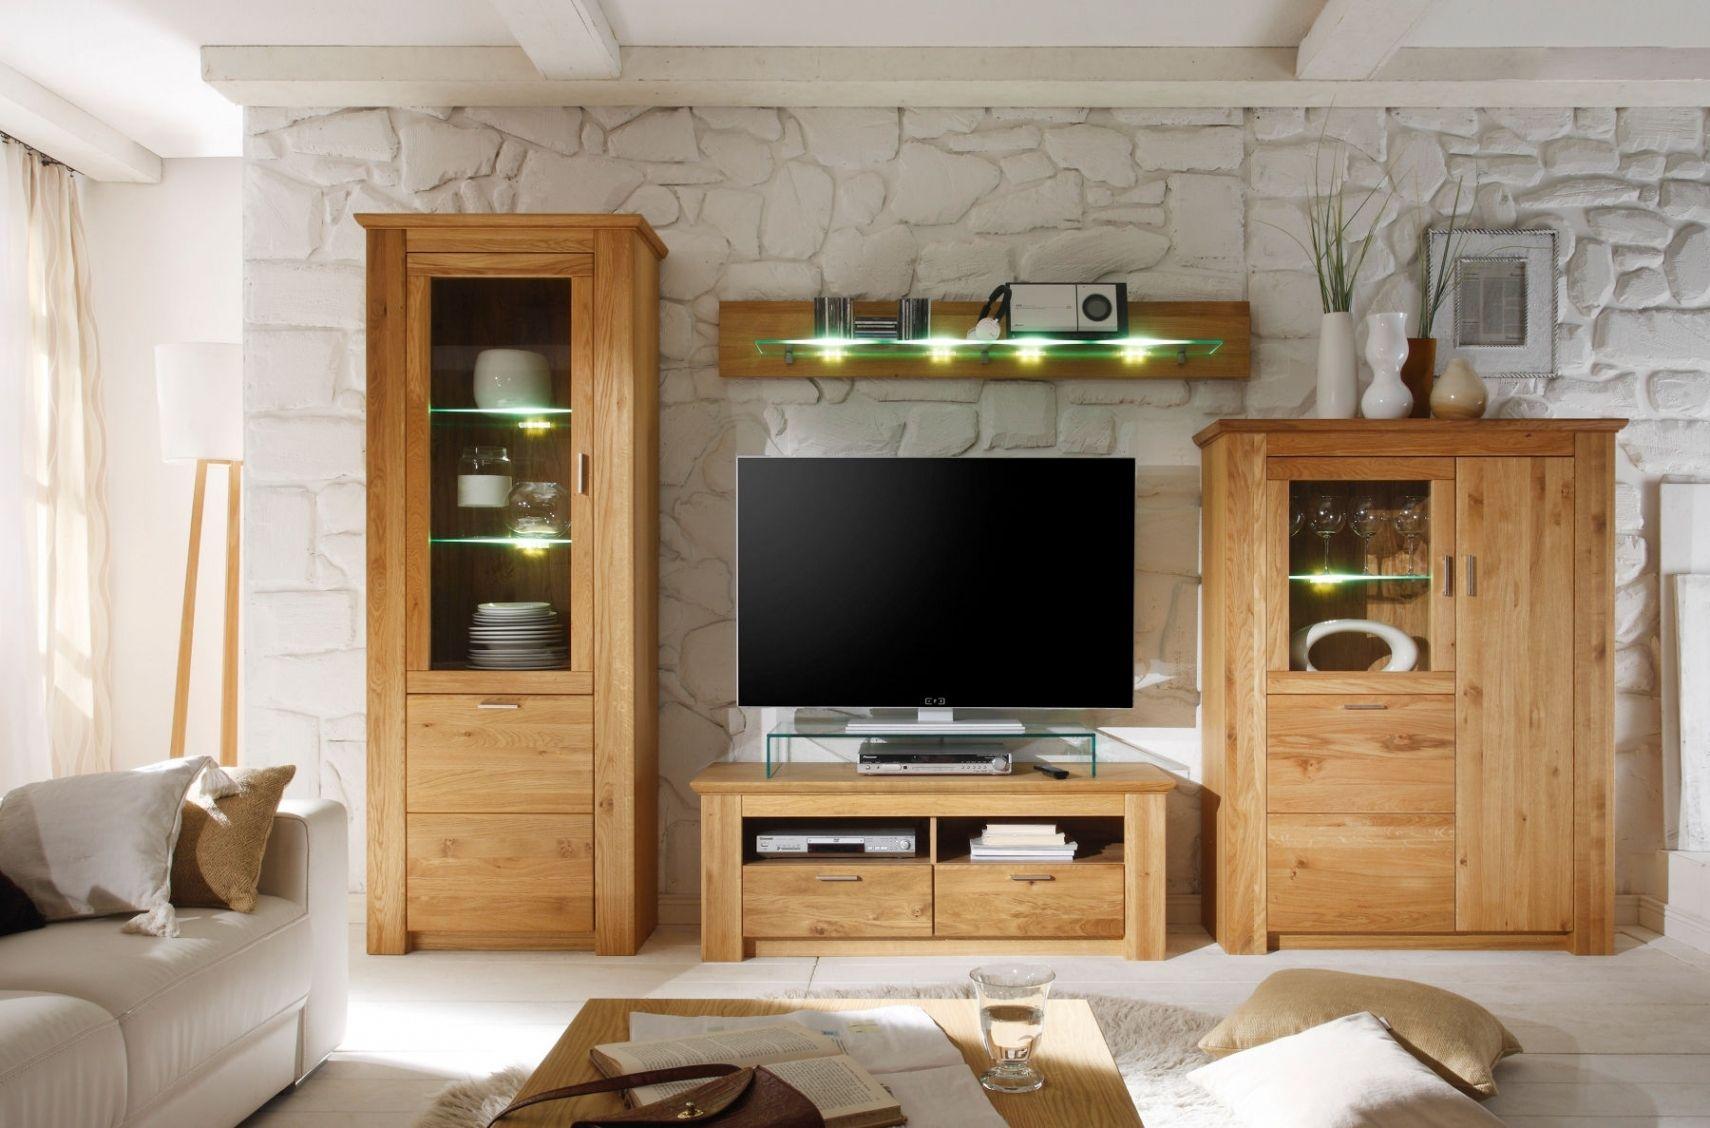 Inspirierend Wohnzimmermöbel Wildeiche  Home design